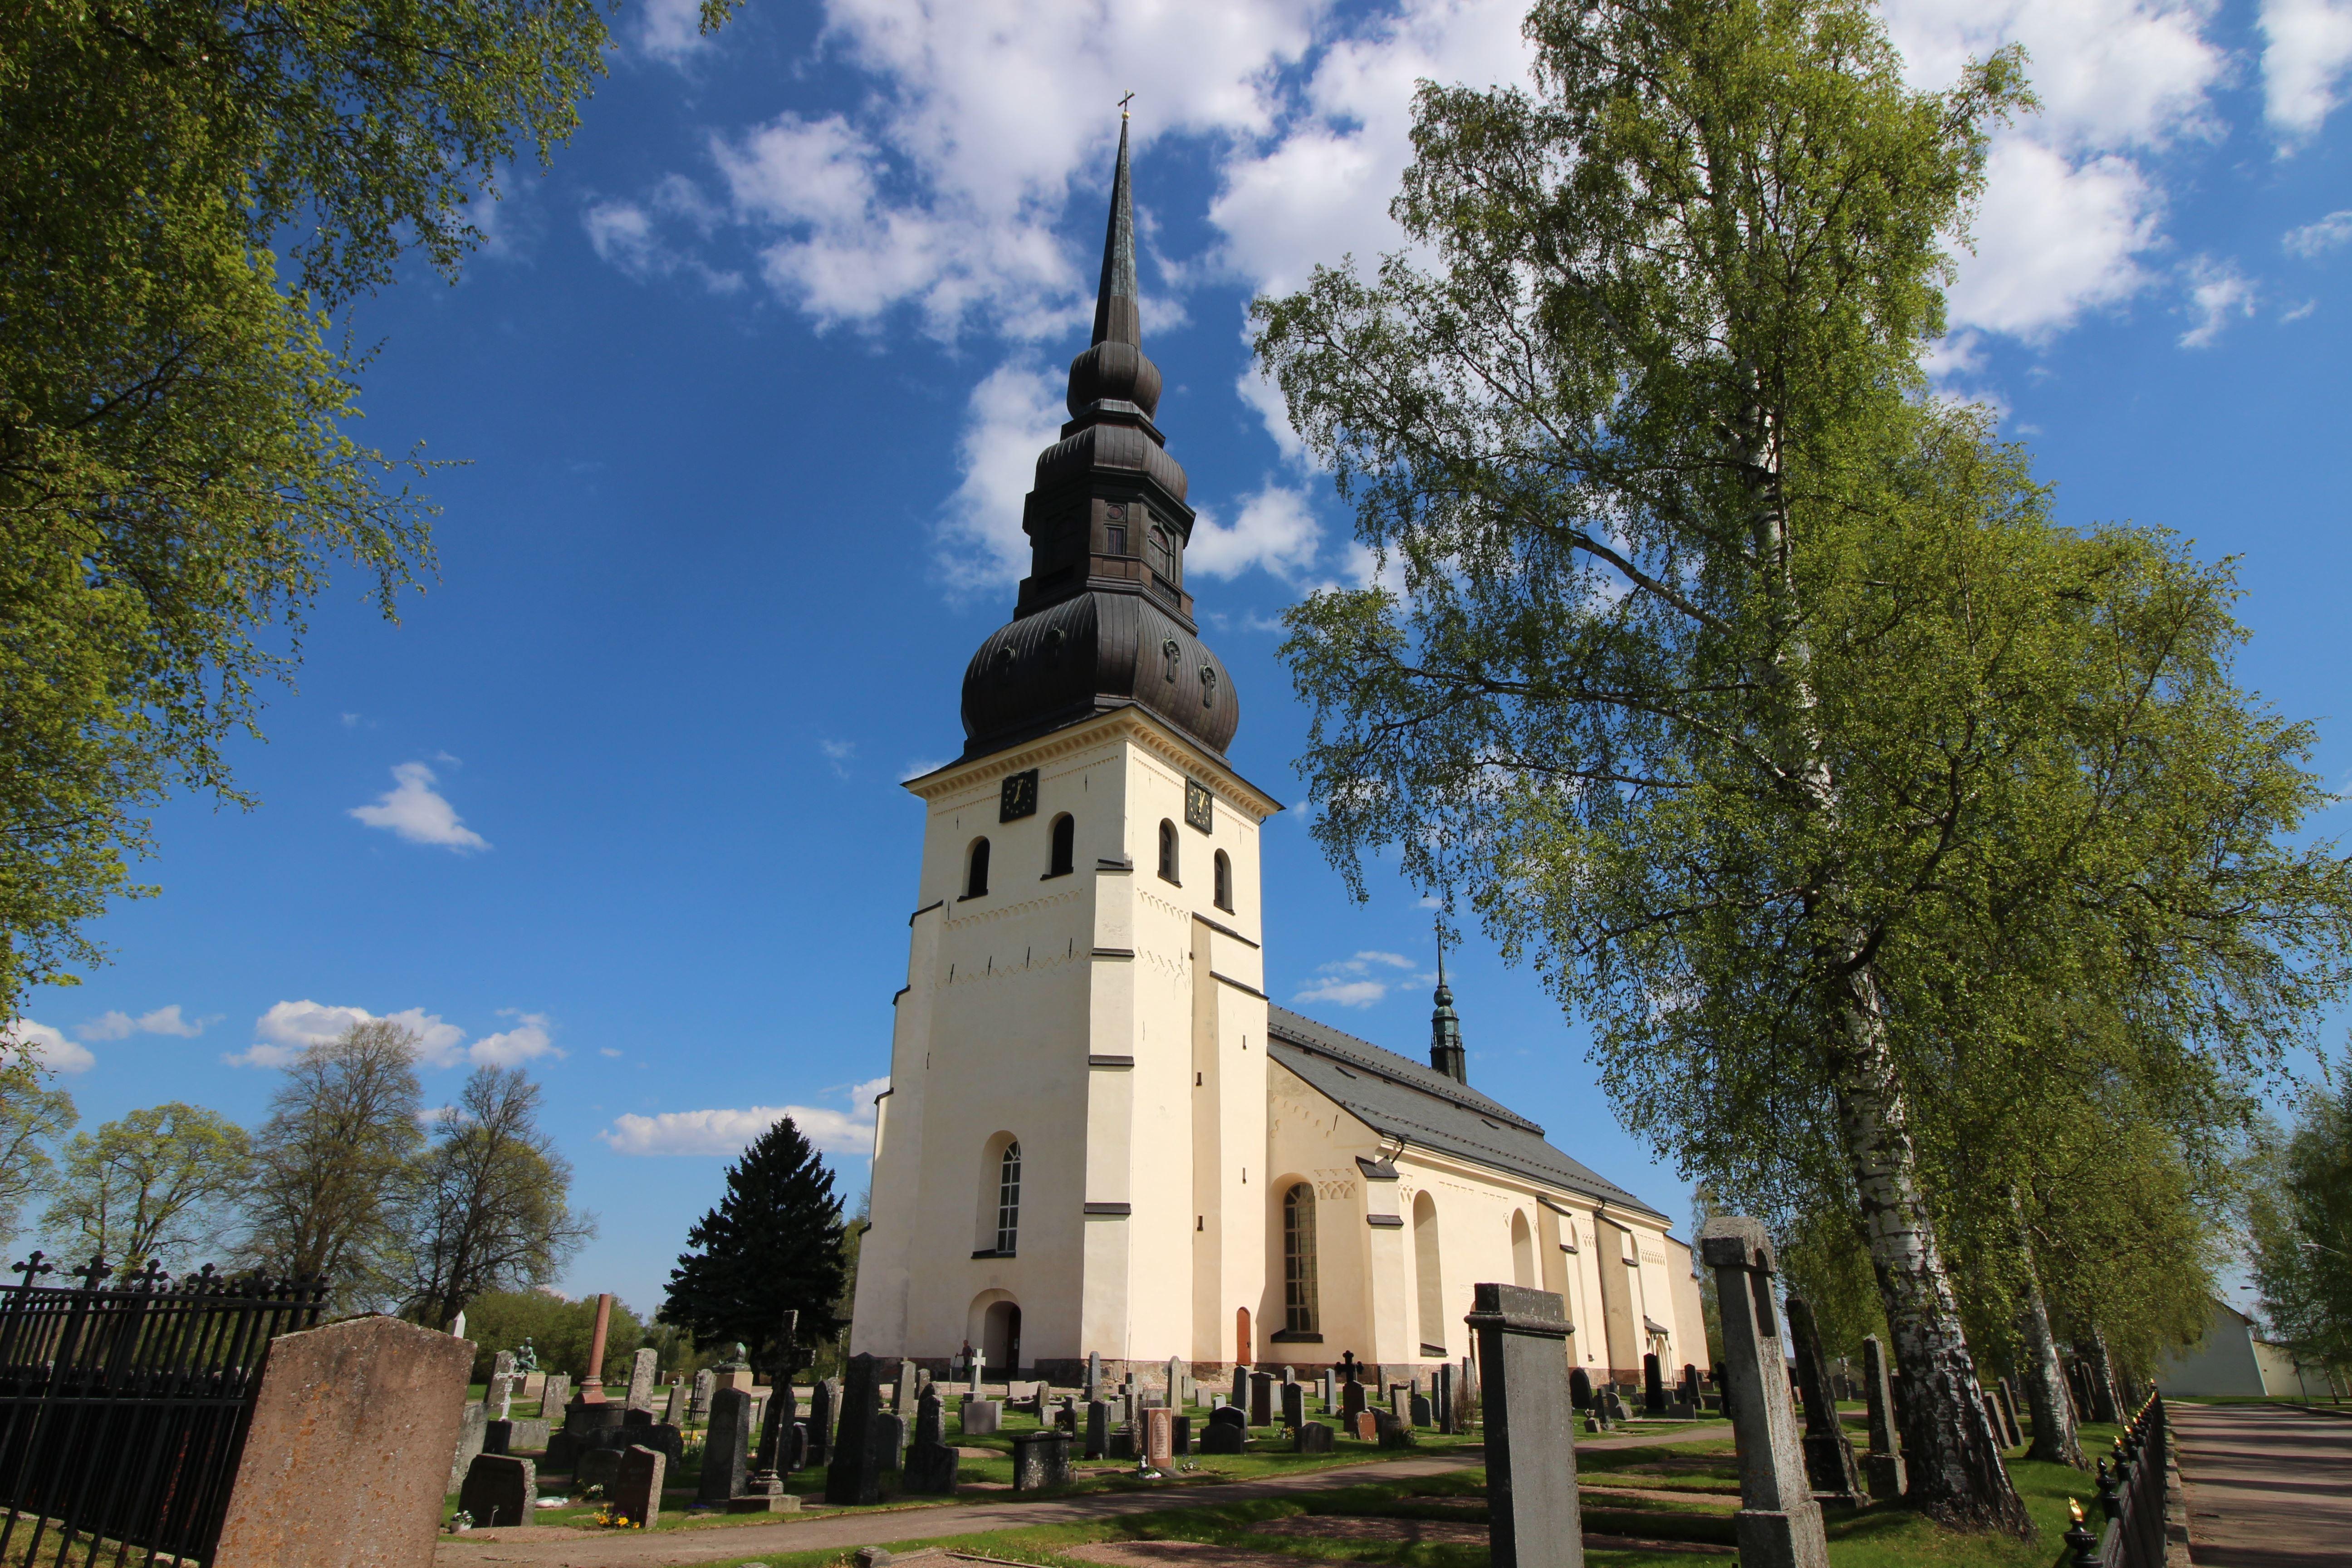 Visning av Stora Tuna kyrka